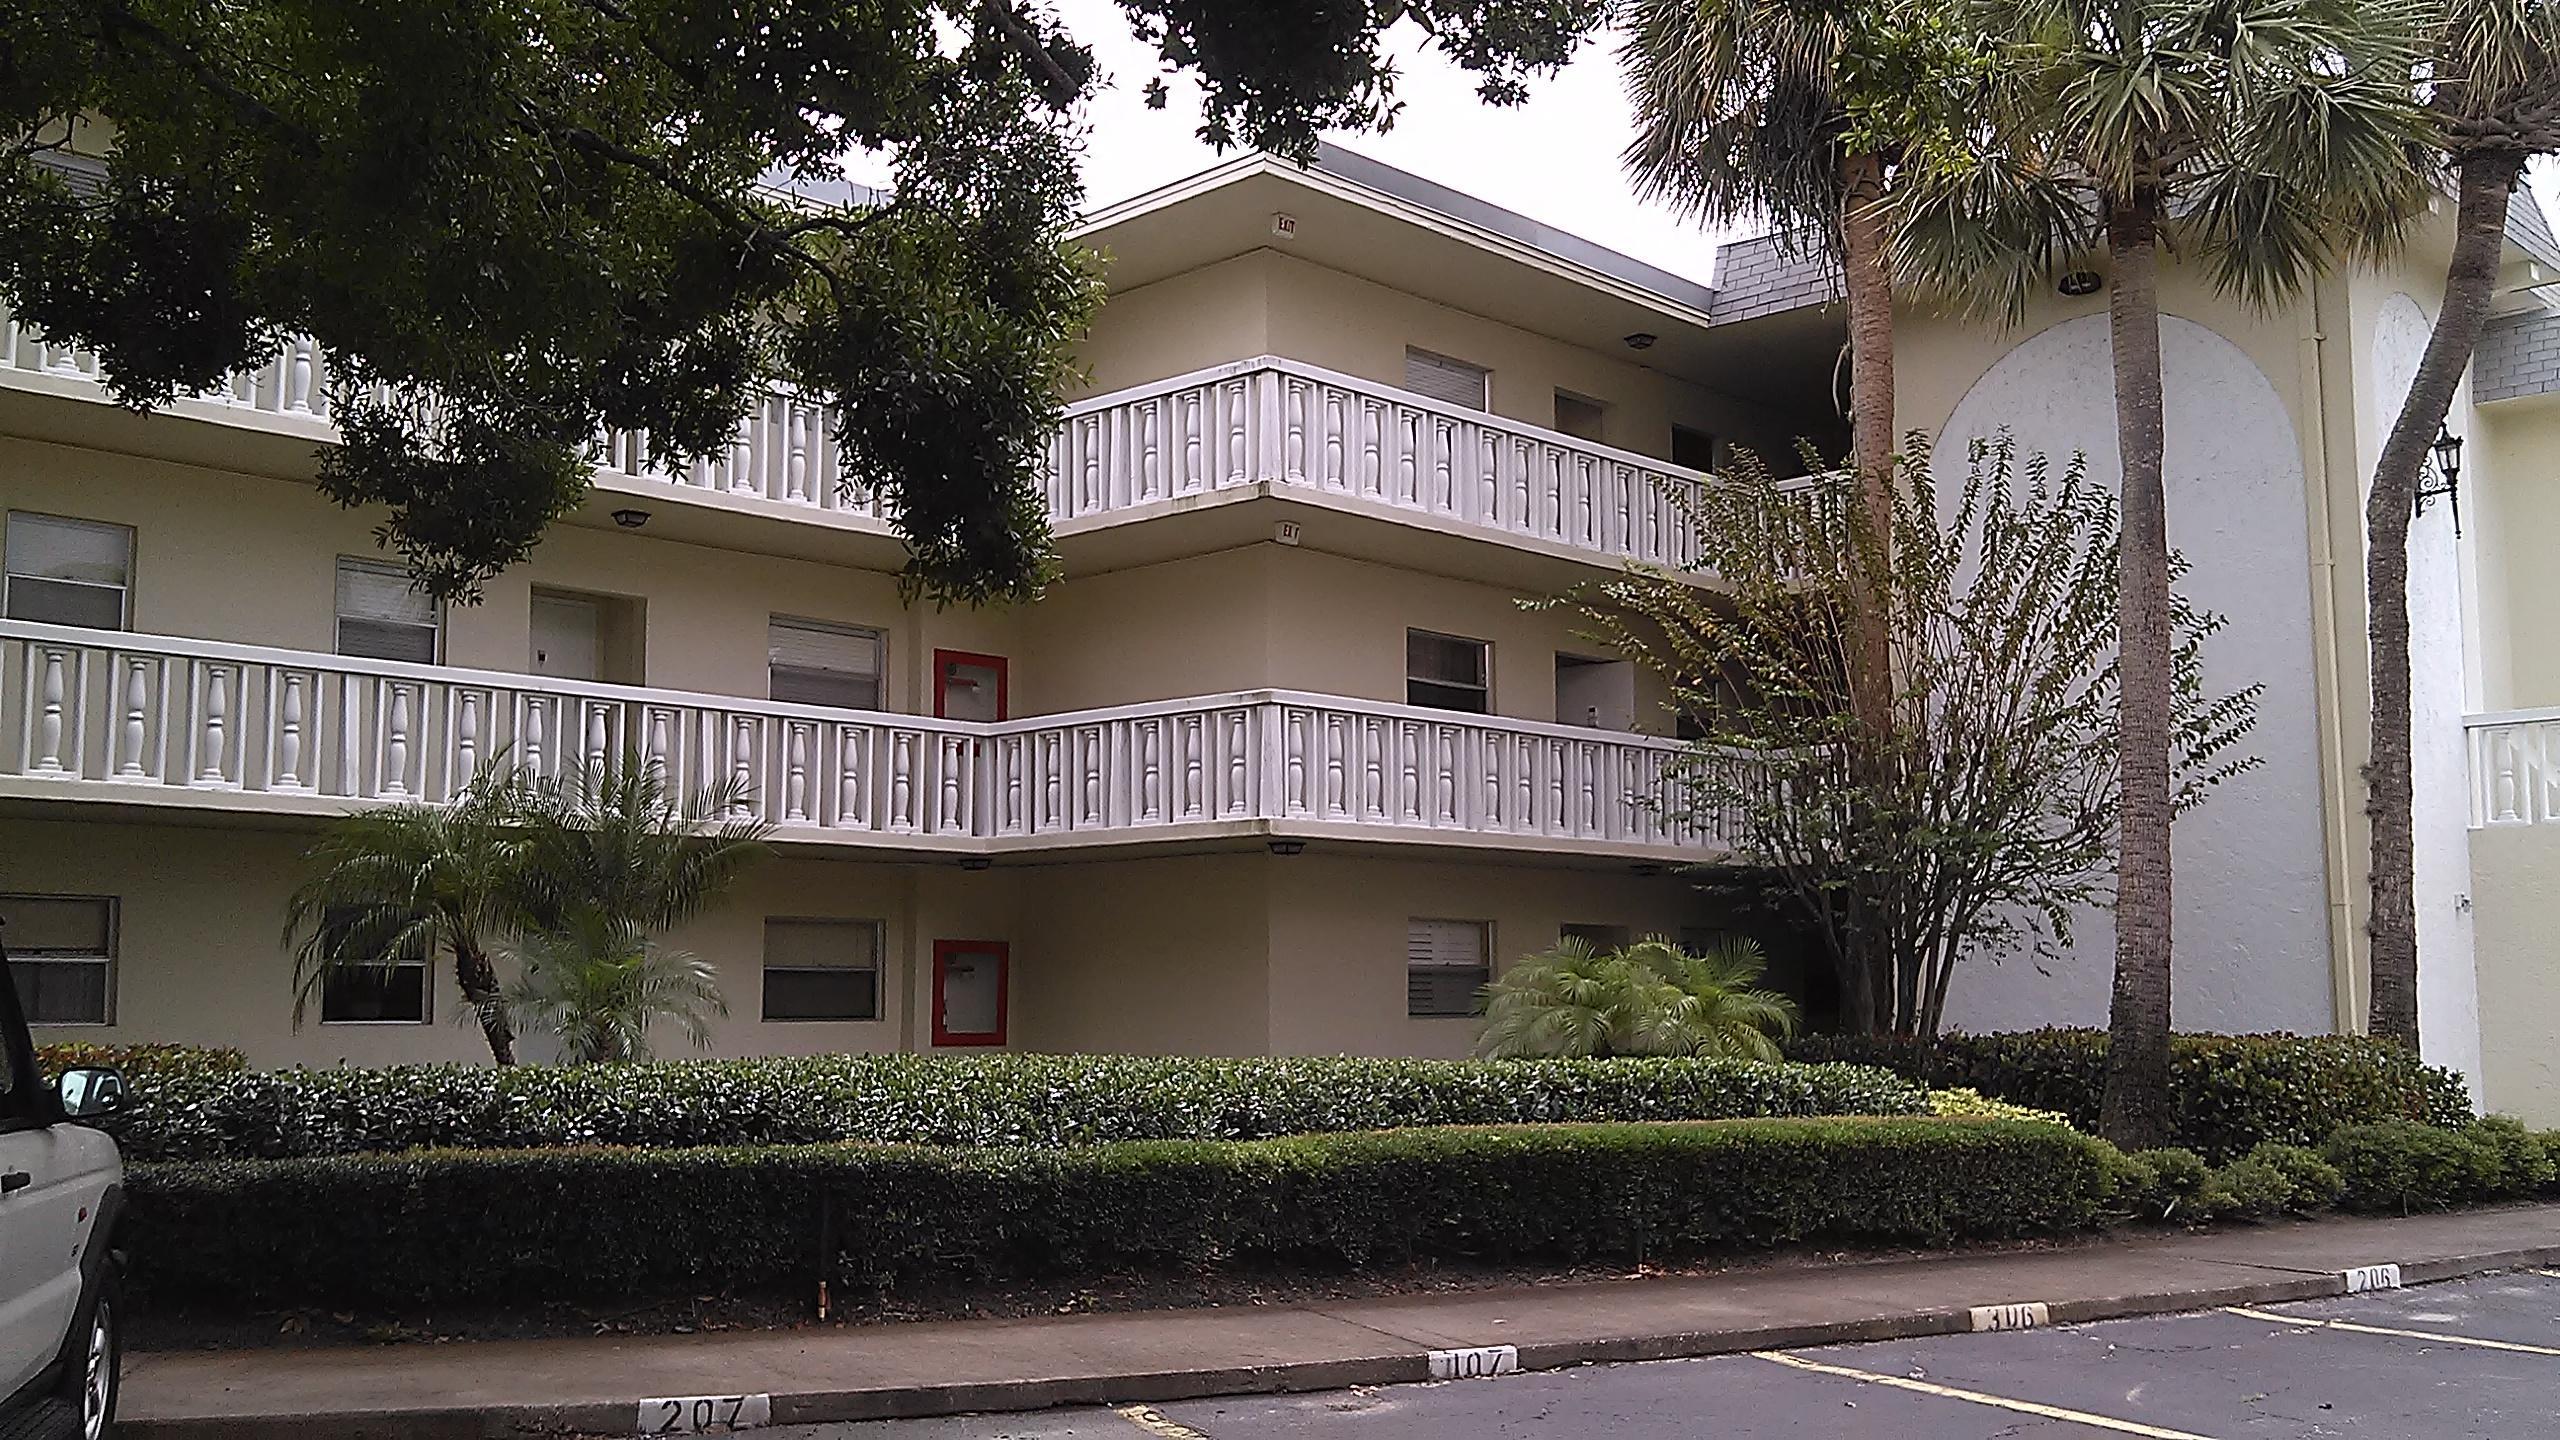 1100 Ponce De Leon Circle, Vero Beach, Florida 32960, 2 Bedrooms Bedrooms, ,2 BathroomsBathrooms,Condo/Coop,For Sale,Ponce De Leon,3,RX-10440521